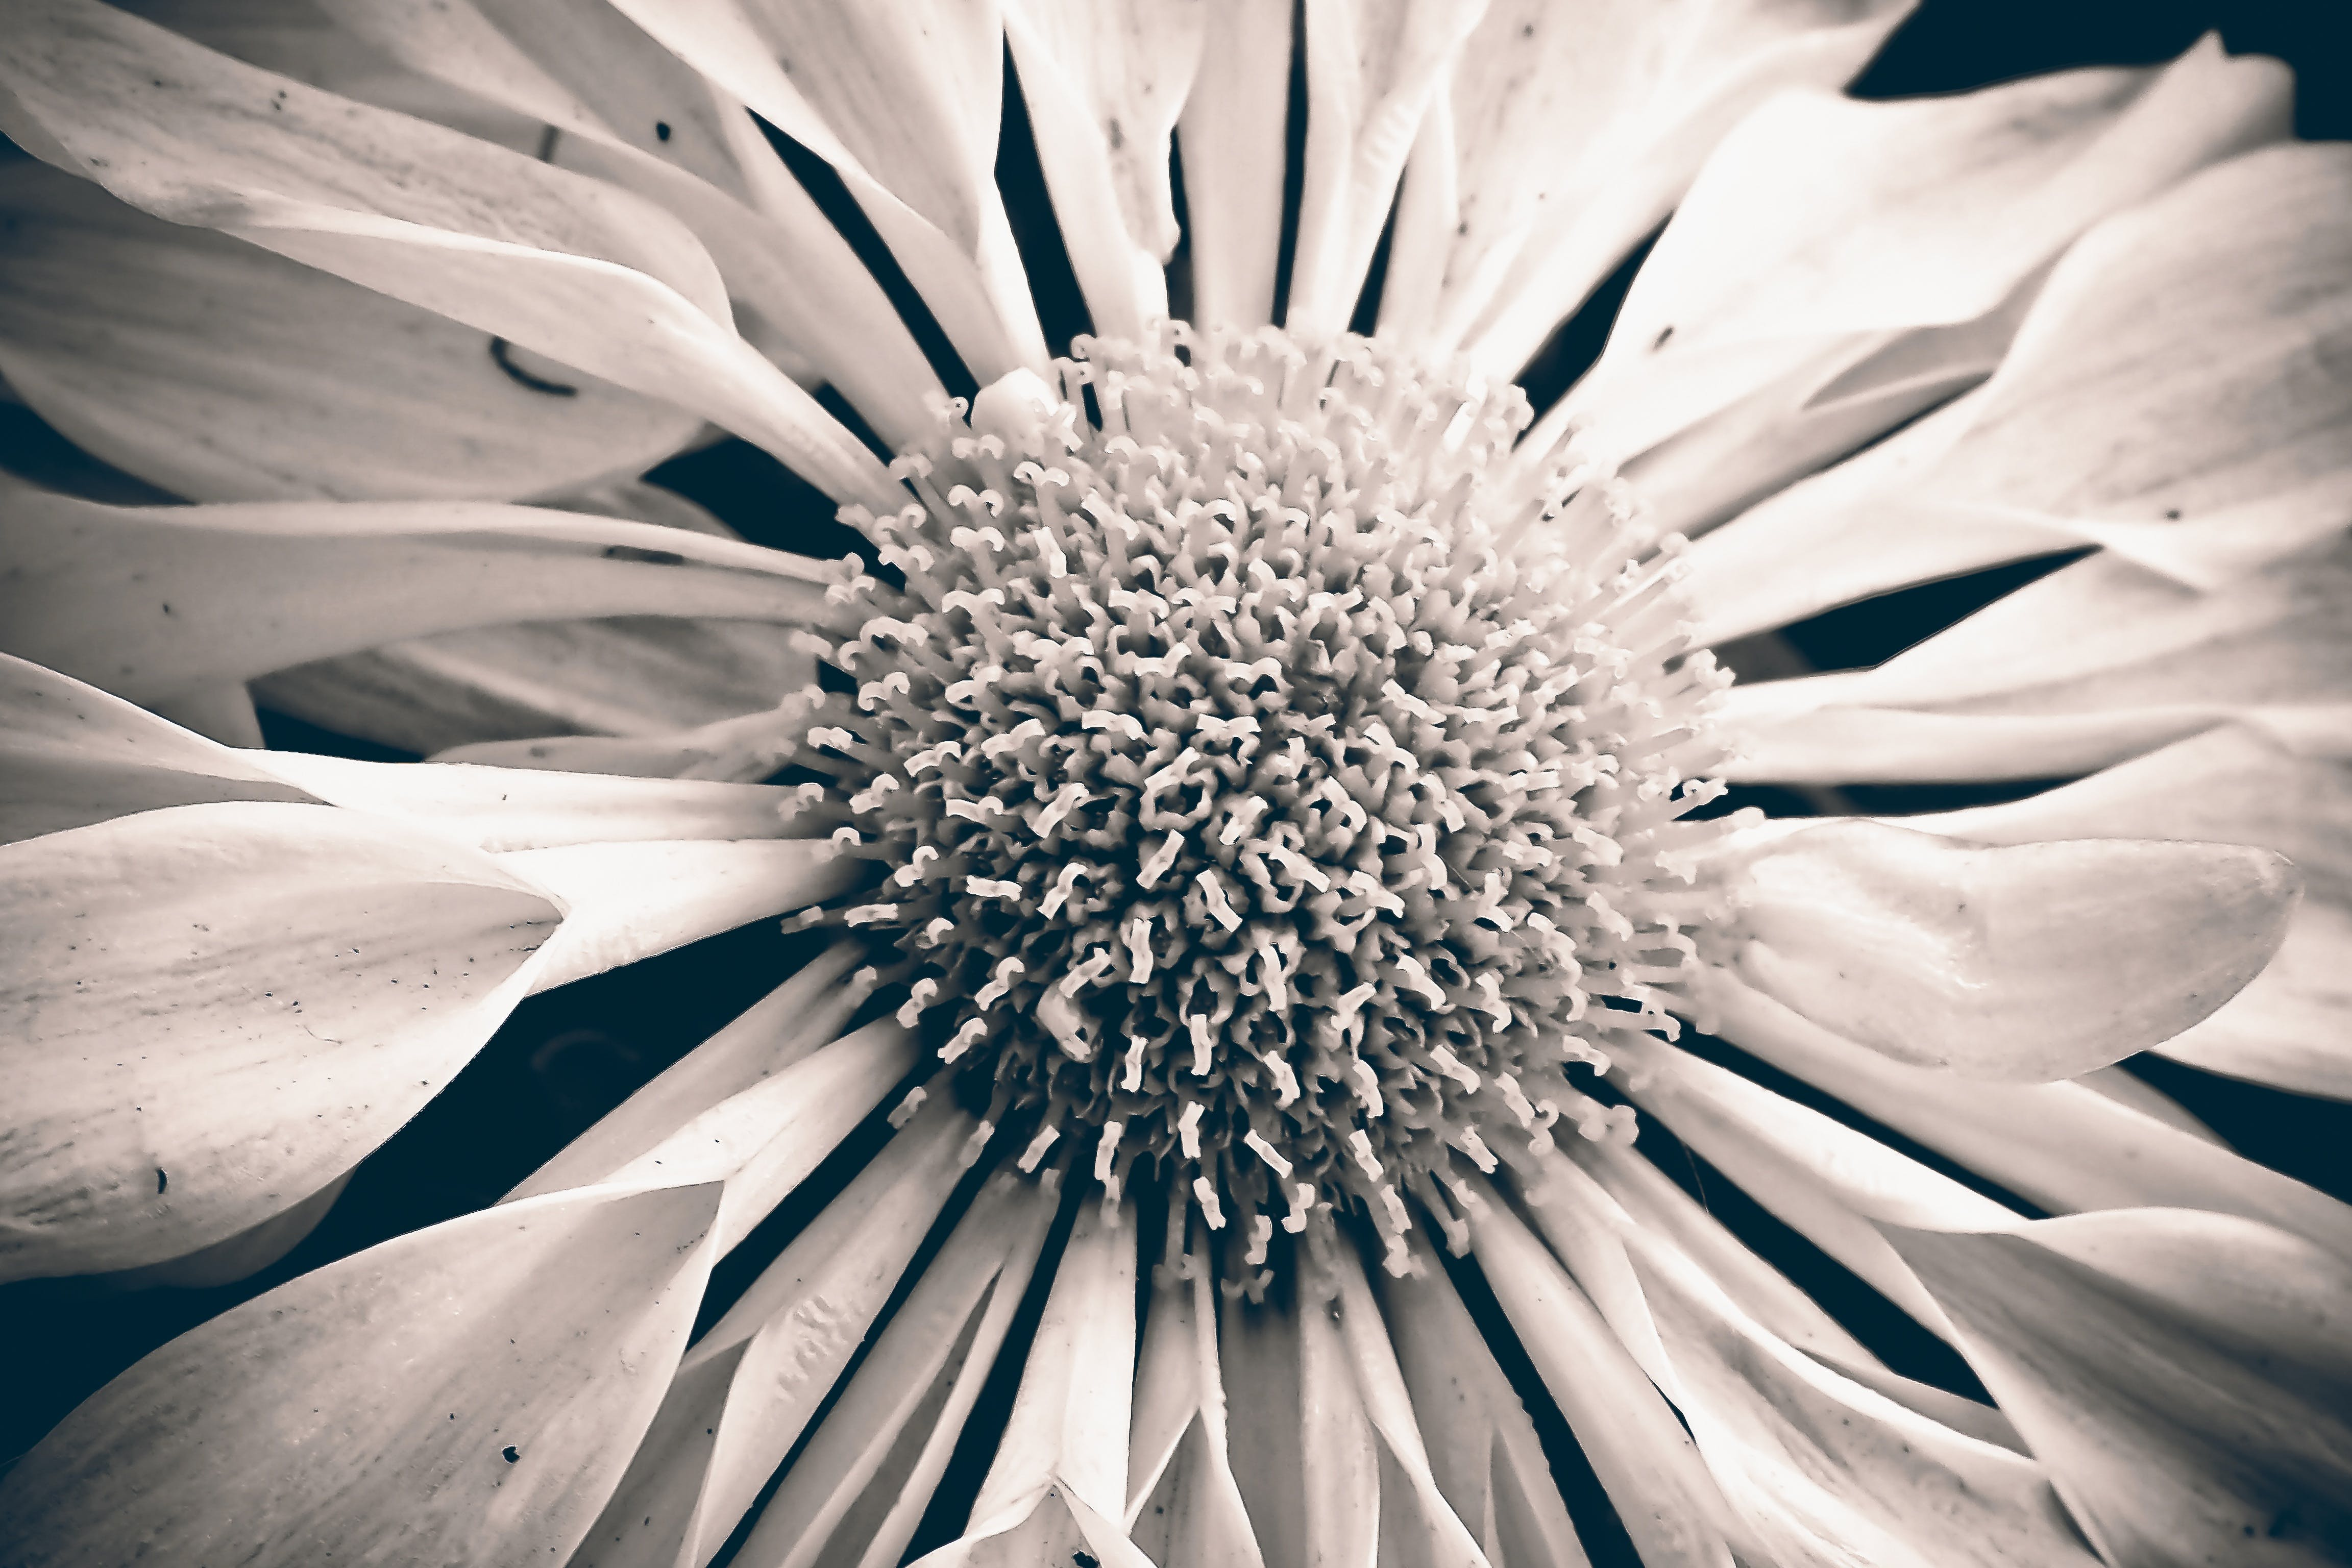 Greyscale Photo of Spoon Daisy